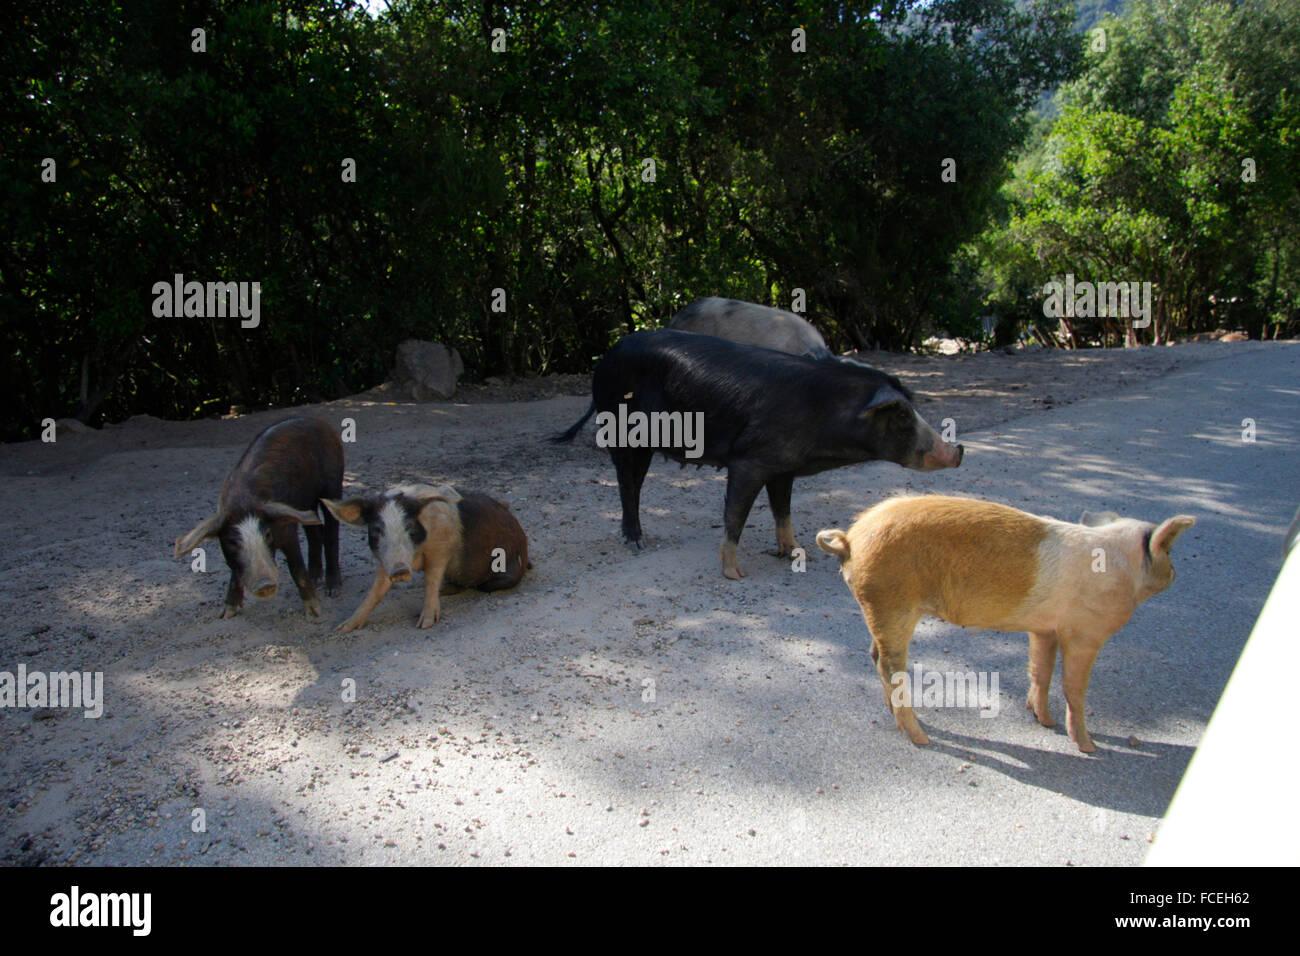 wilde Schweine, Korsika, Frankreich. - Stock Image